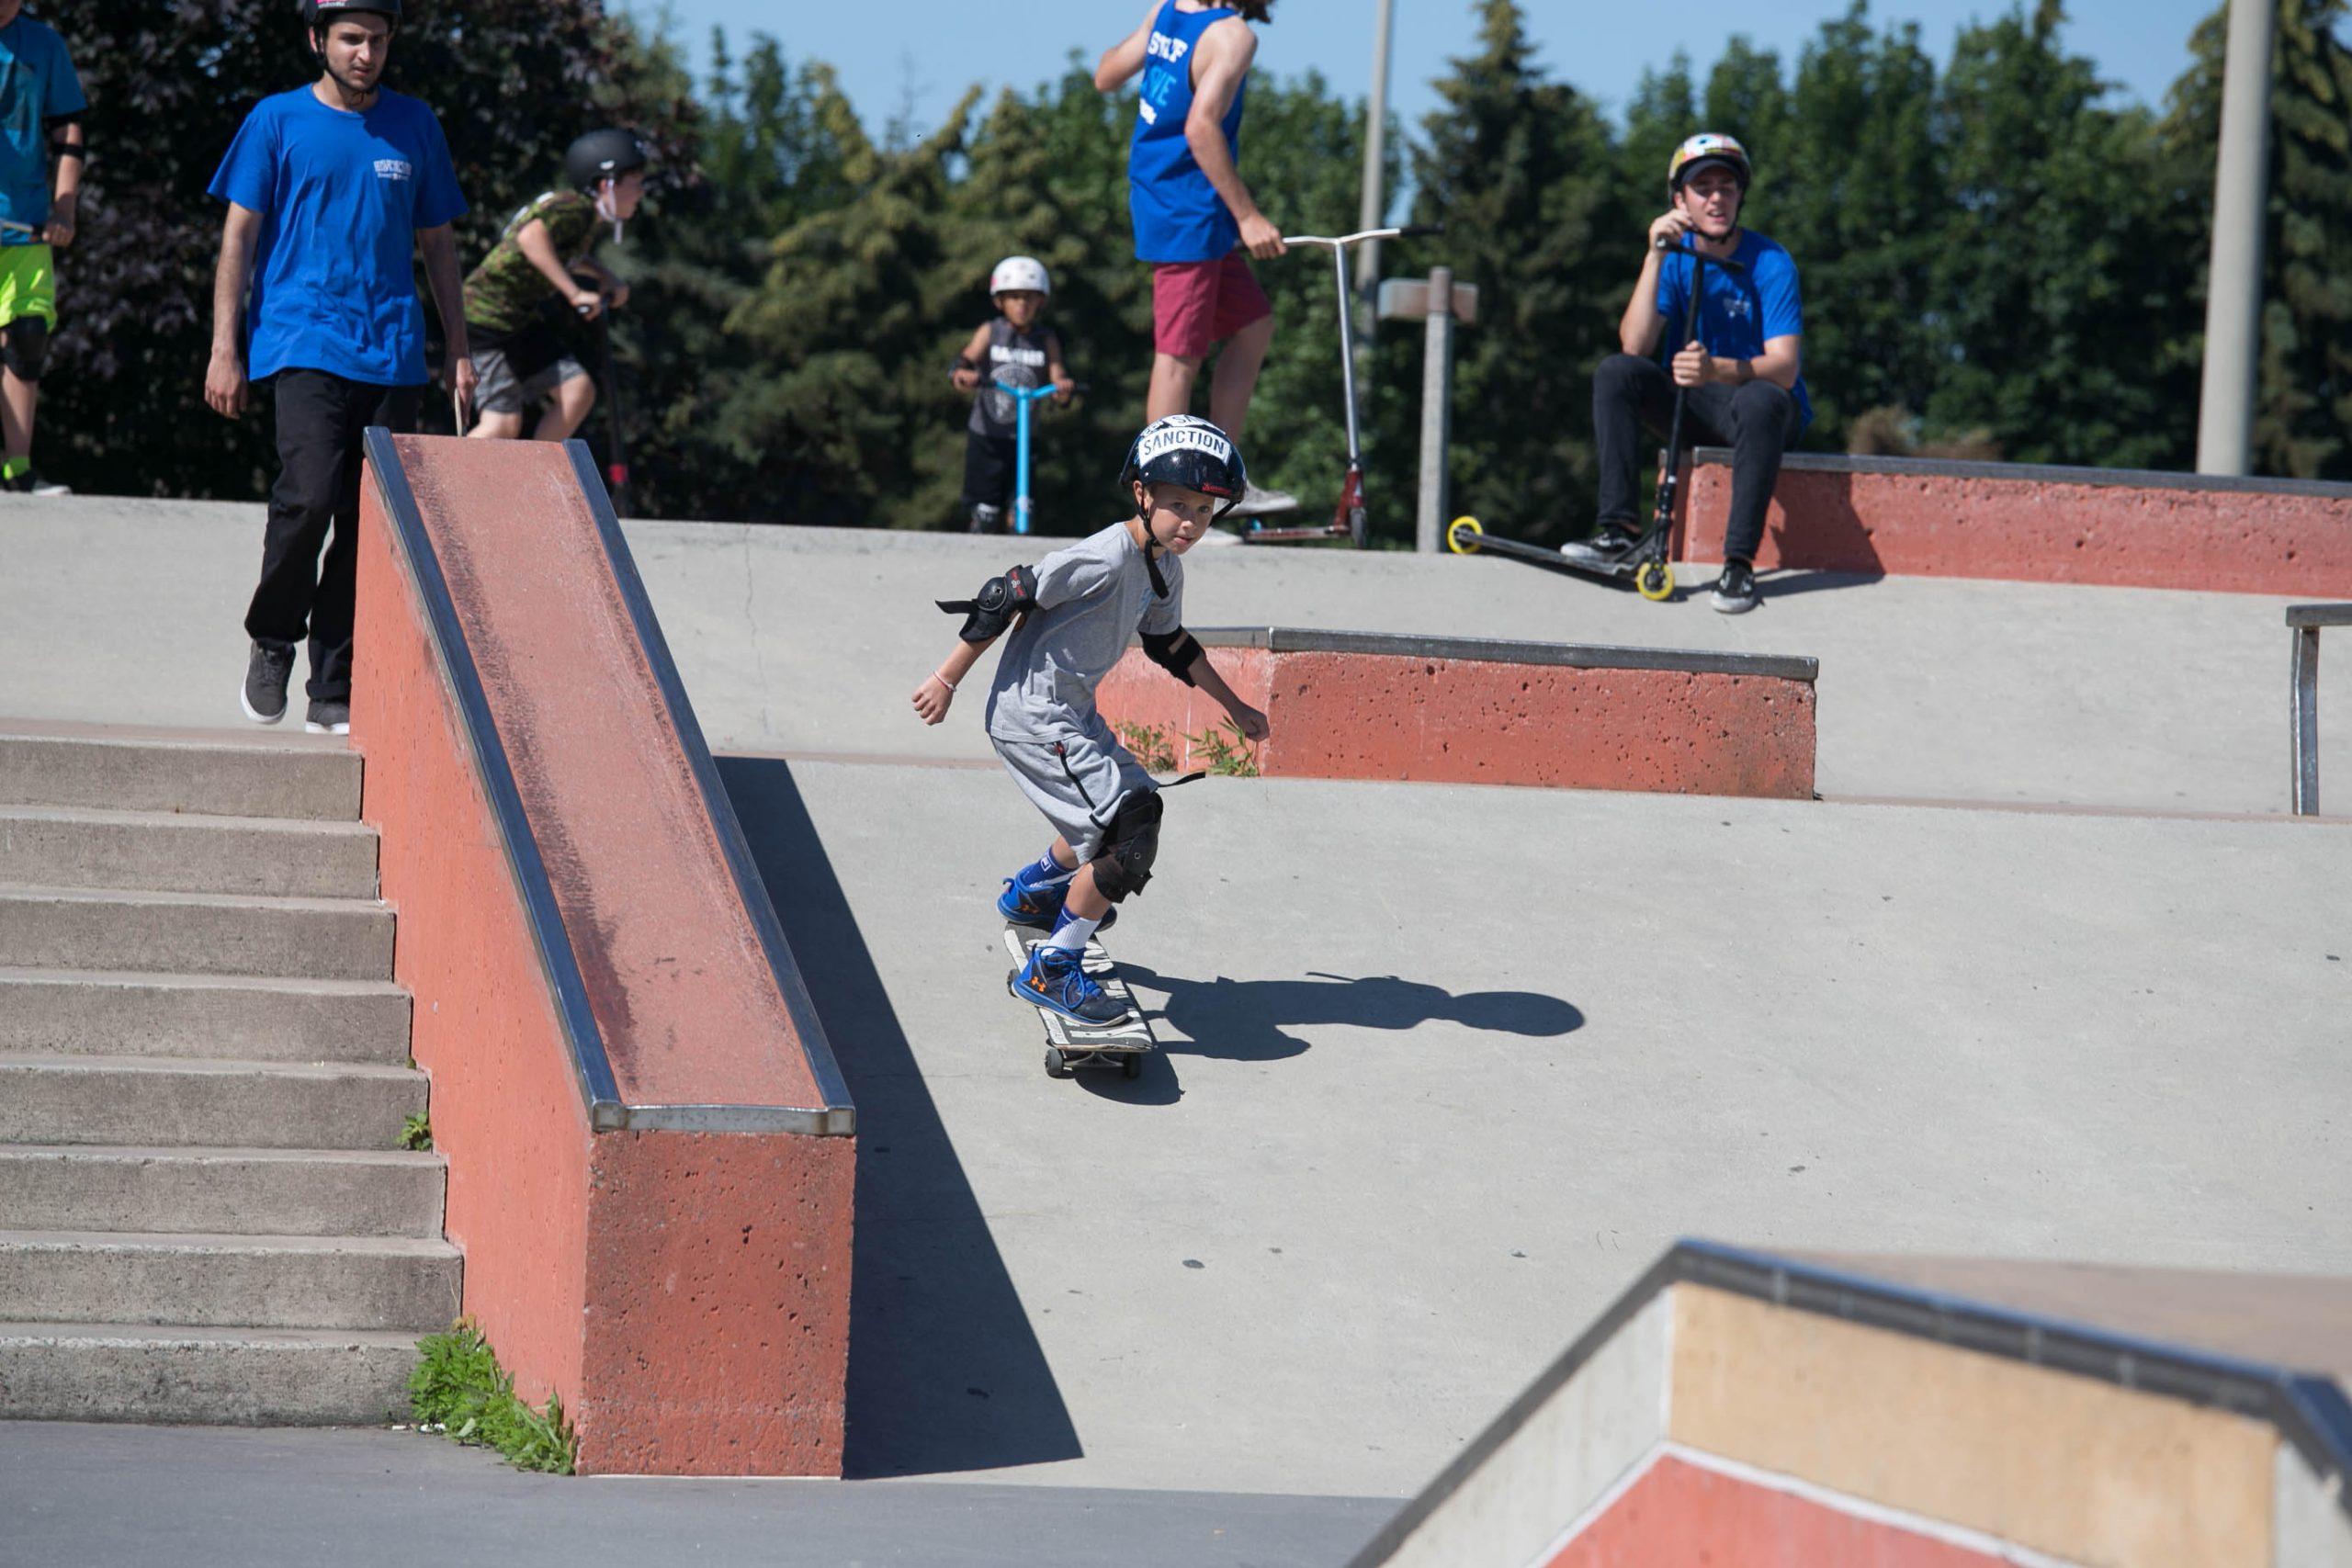 Markham skate camp